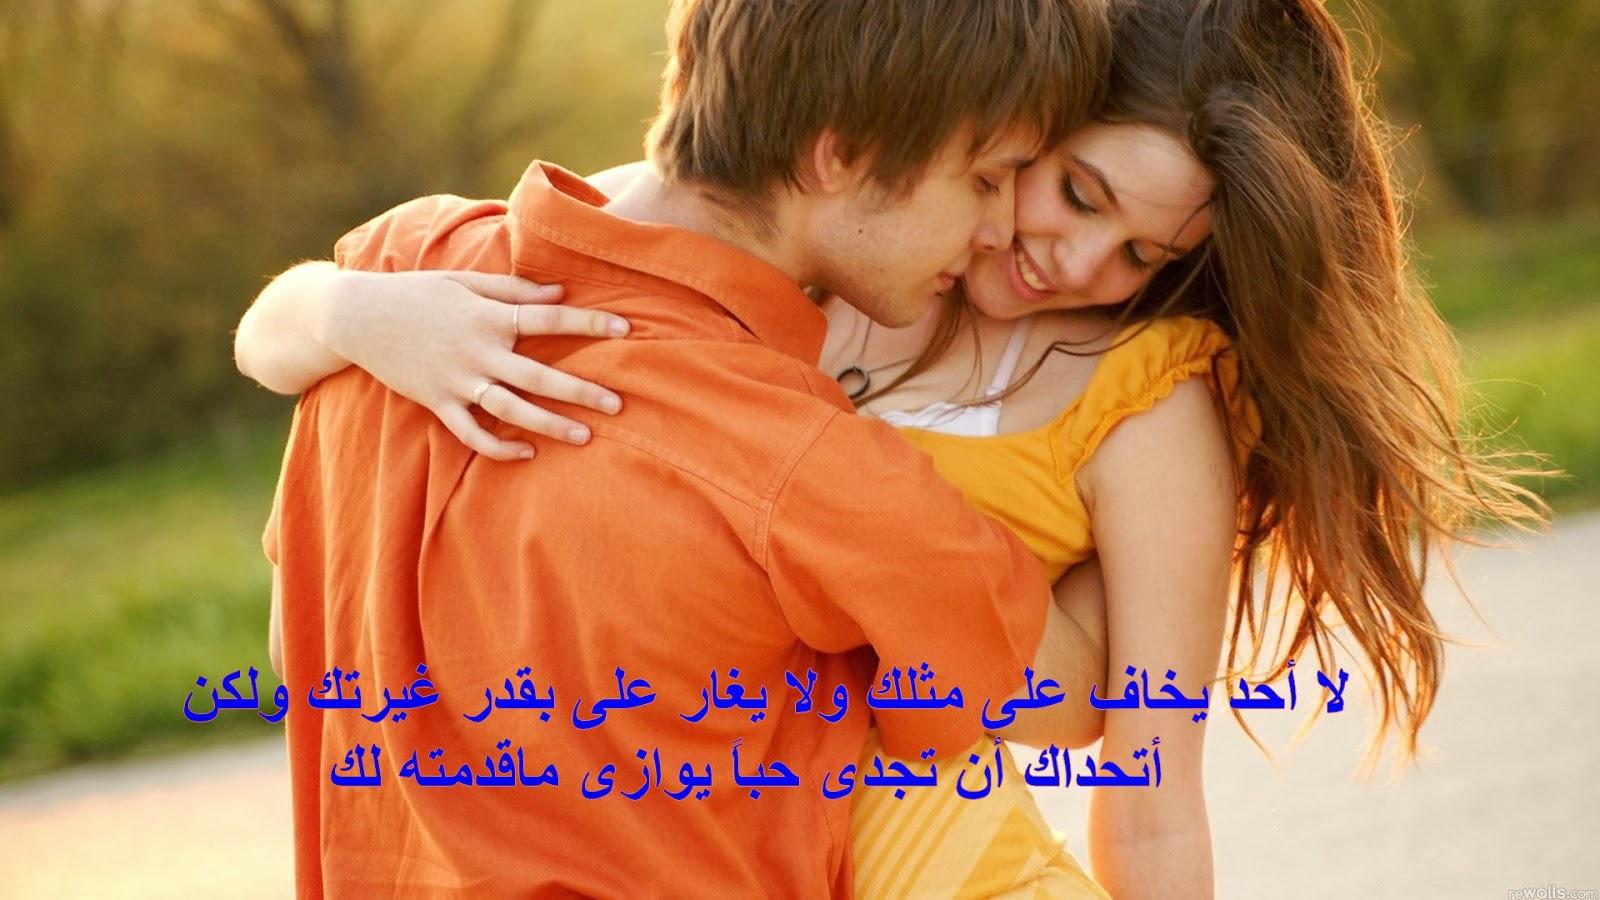 بالصور صور حب للحبيب , اجمل صور حب روعة 4753 9